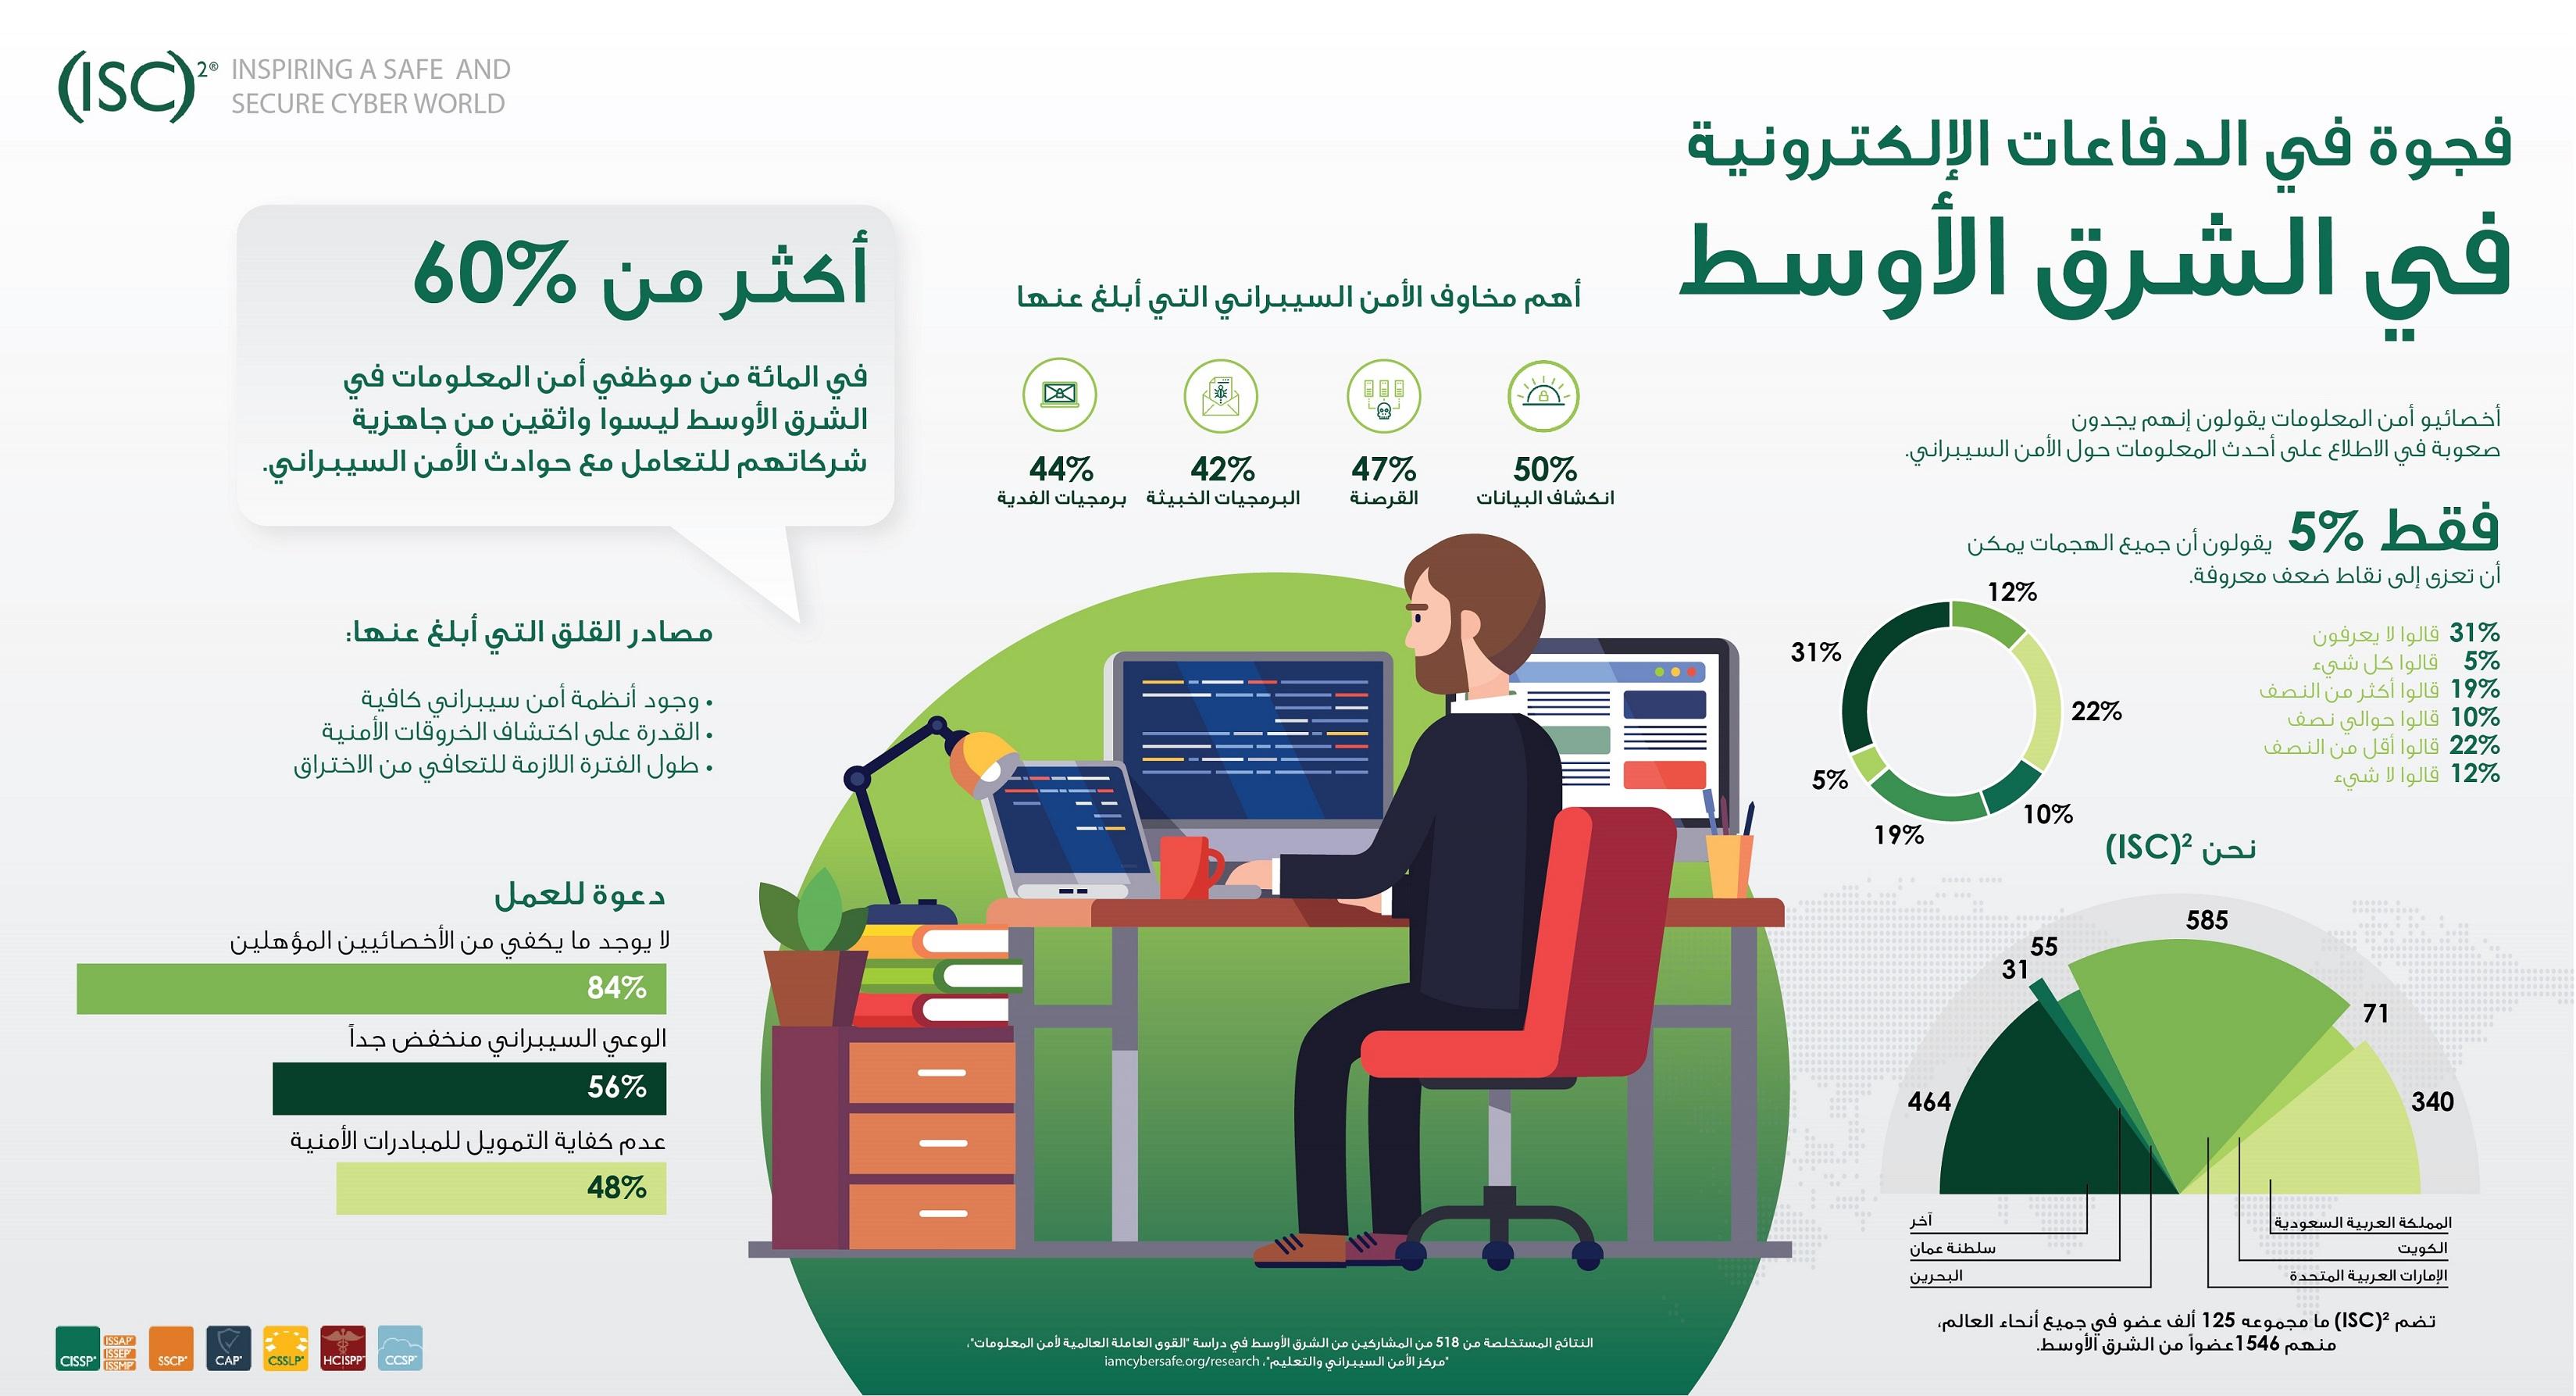 الشركات العربية ليست واثقة من القدرة على تصدي الهجمات الإلكترونية